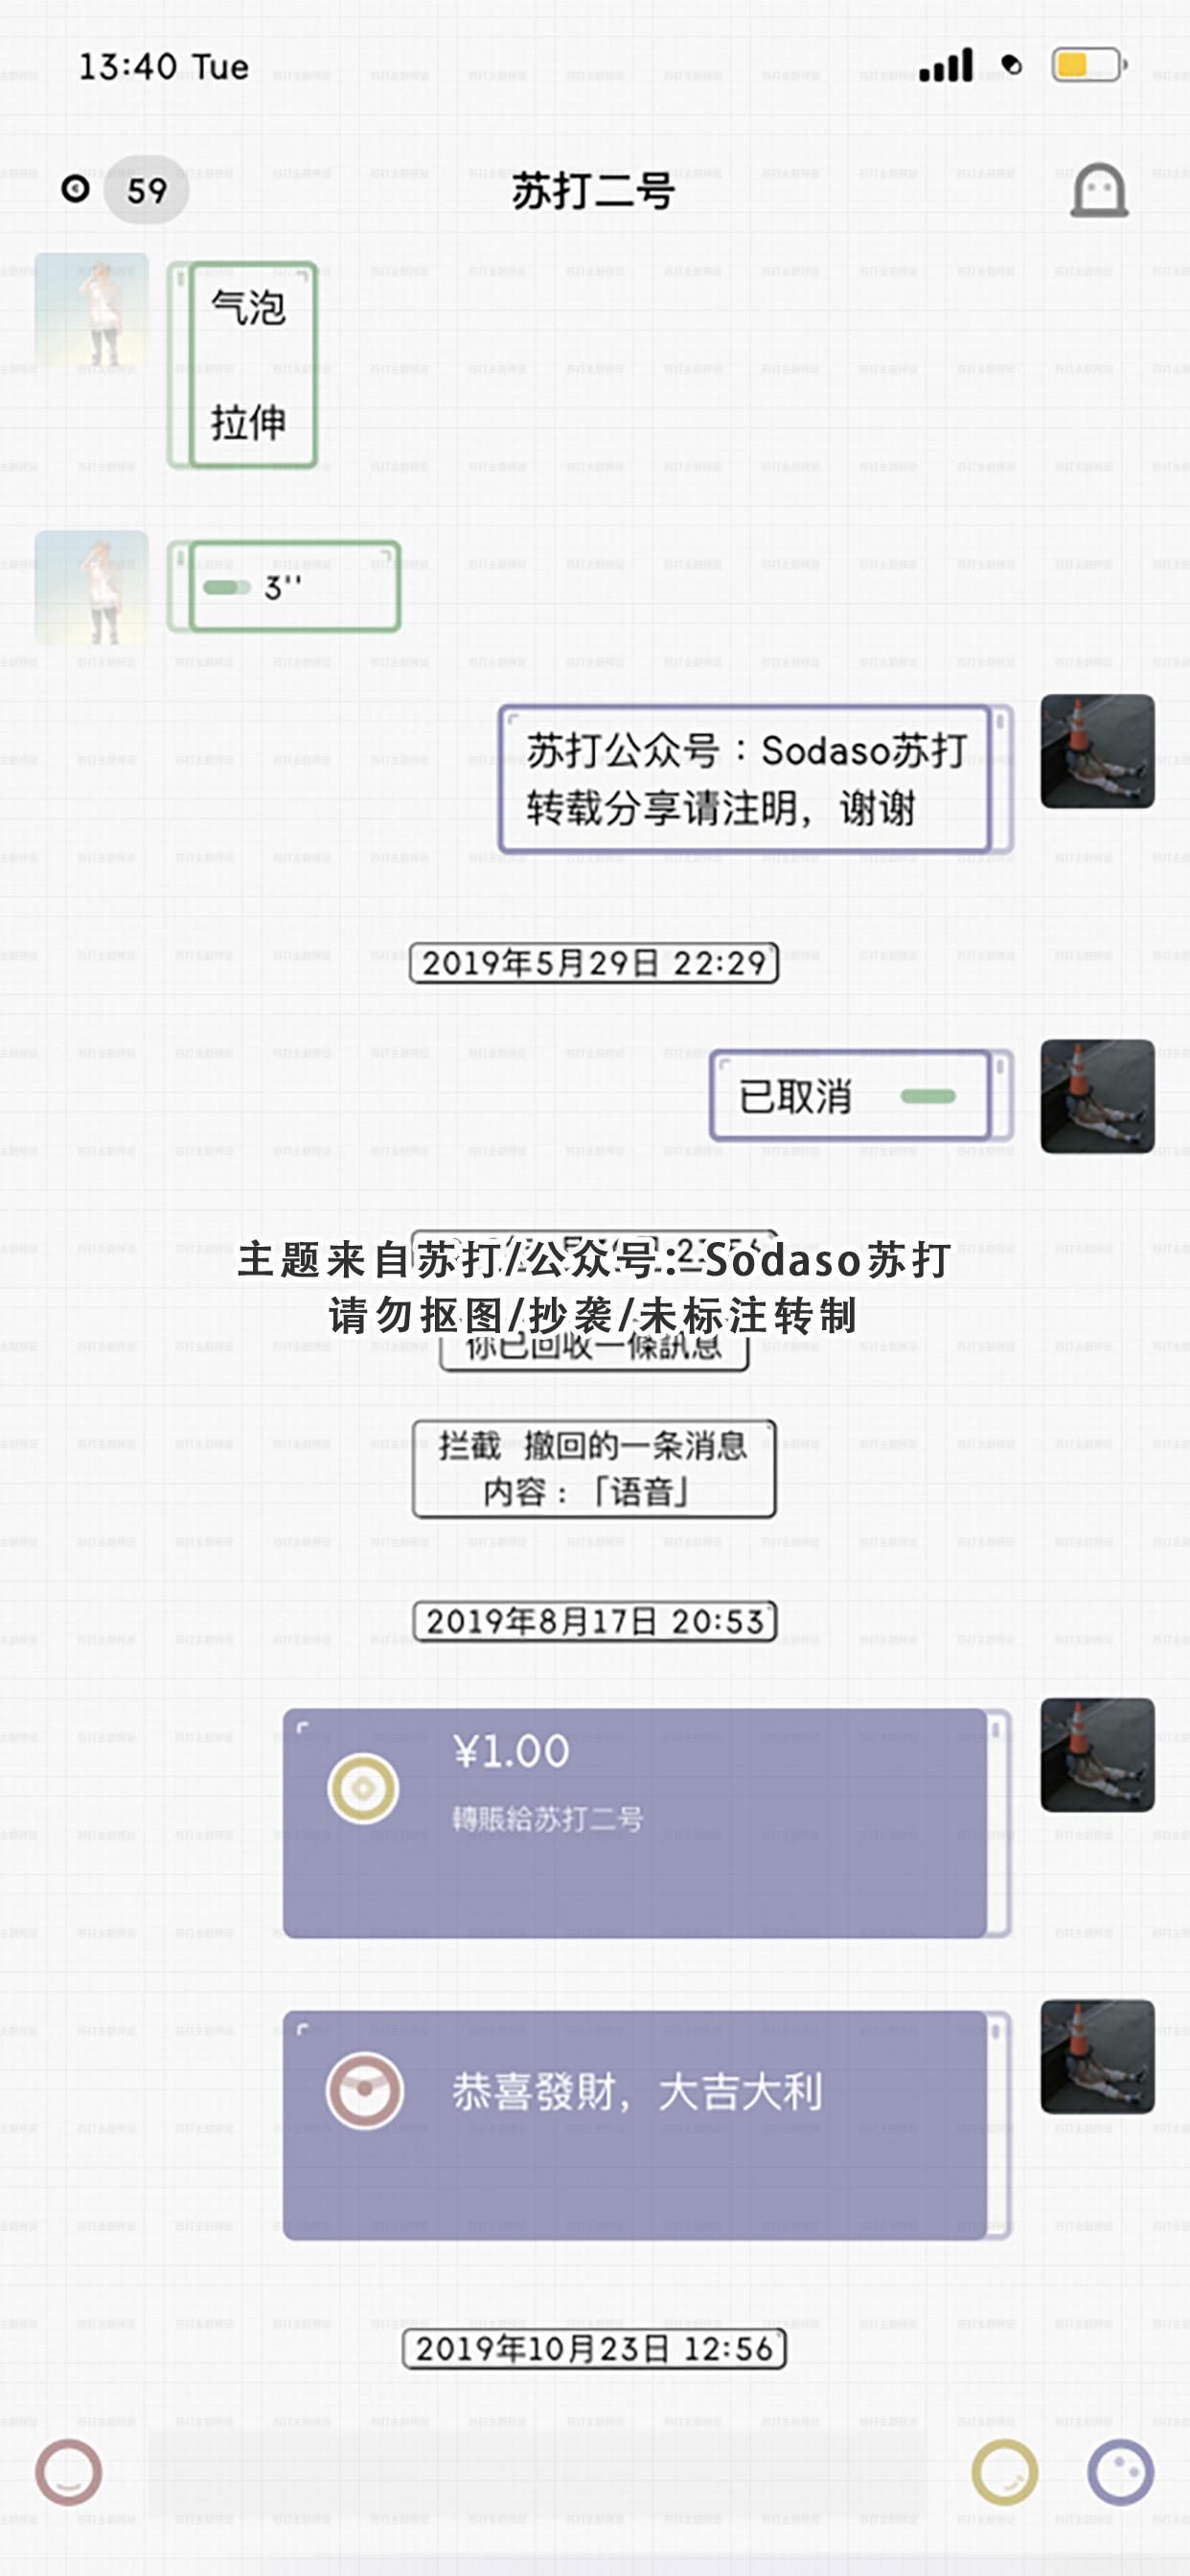 BubbleColor WeChatTheme(微信主题) - 2.01